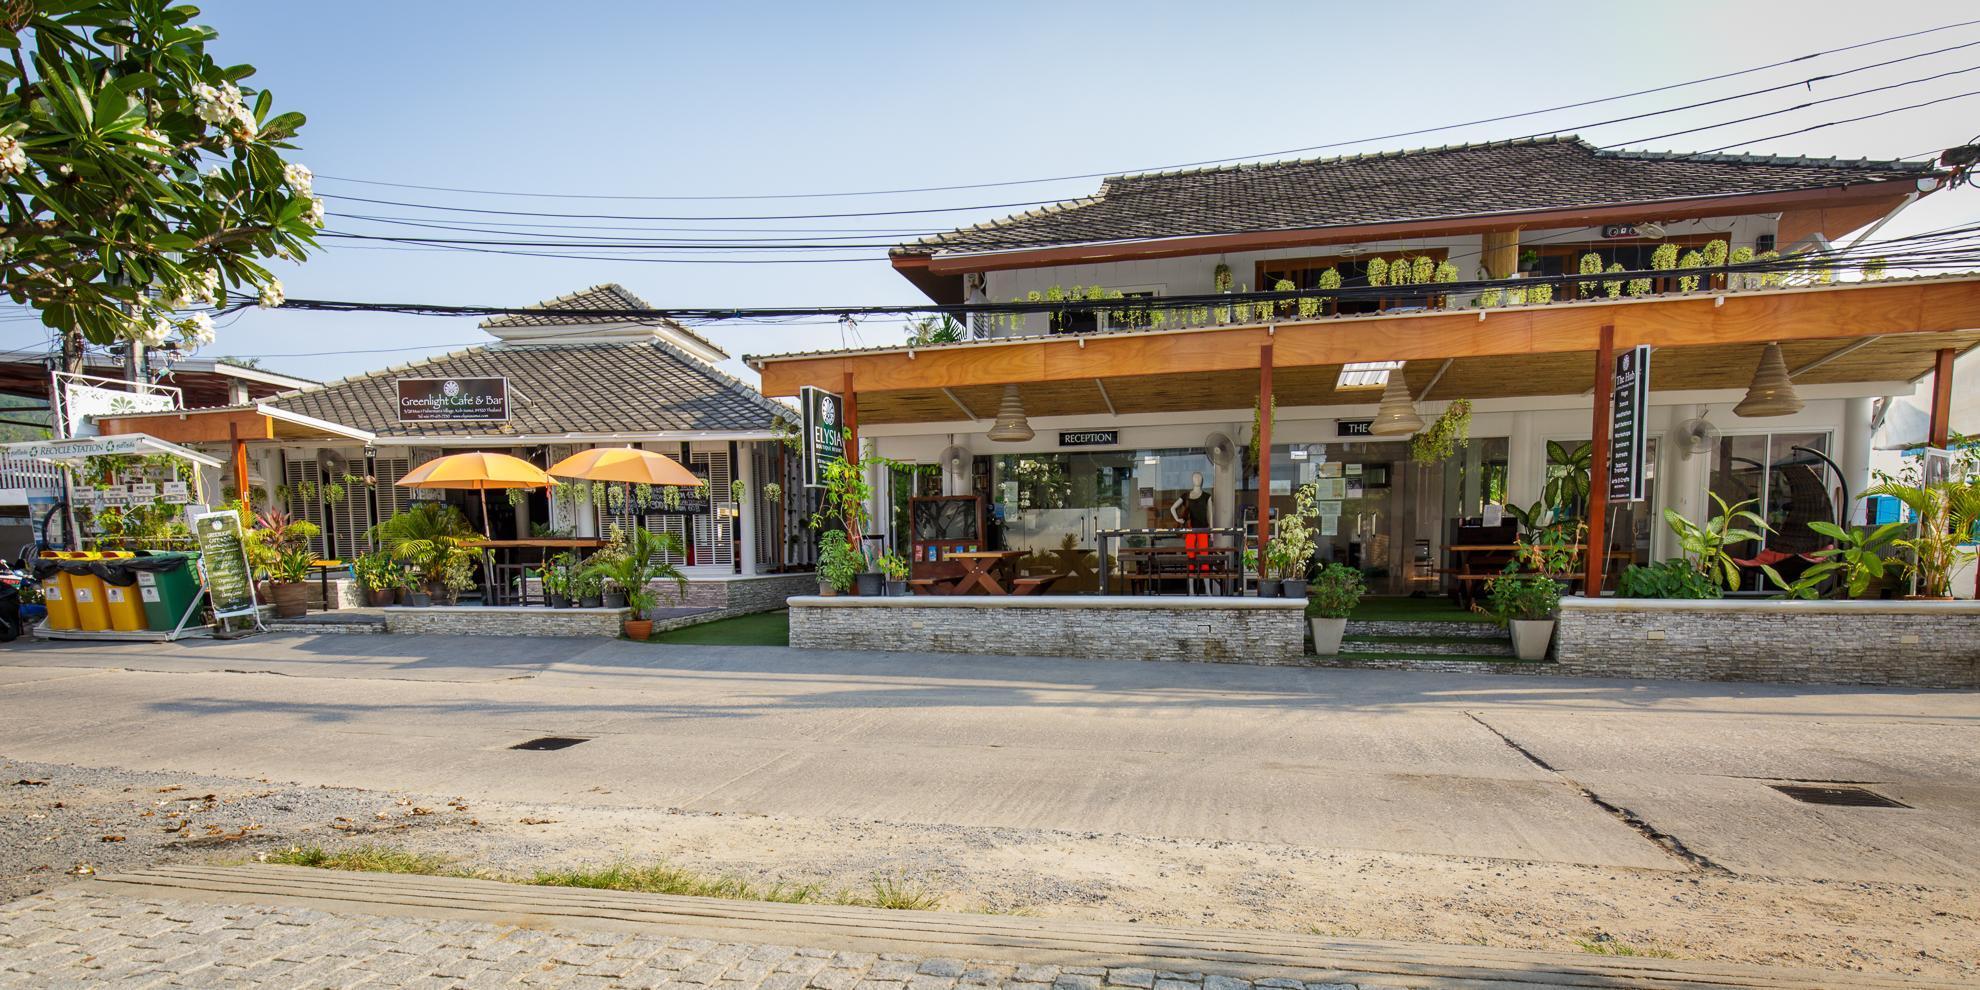 Elysia Boutique Resort เอลิเซีย บูติก รีสอร์ท